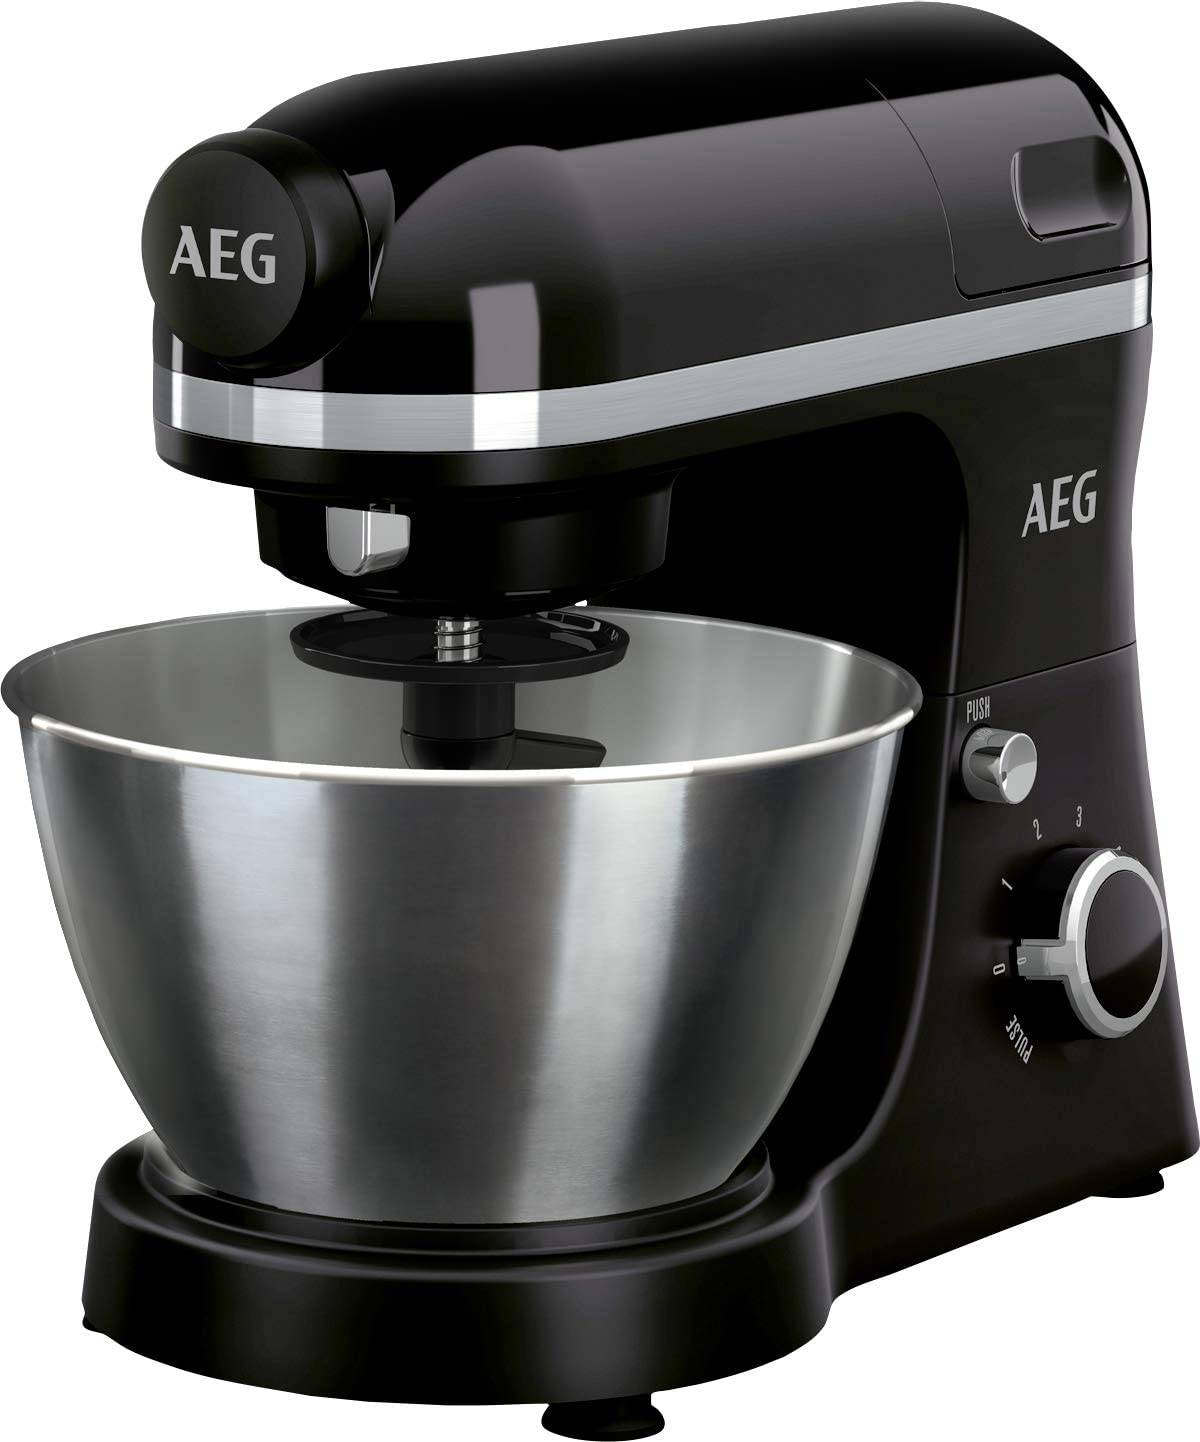 AEG 950075567 KM3300 Robot Cocina, 800 W, 6 velocidades, Aluminio, Negro: Amazon.es: Hogar